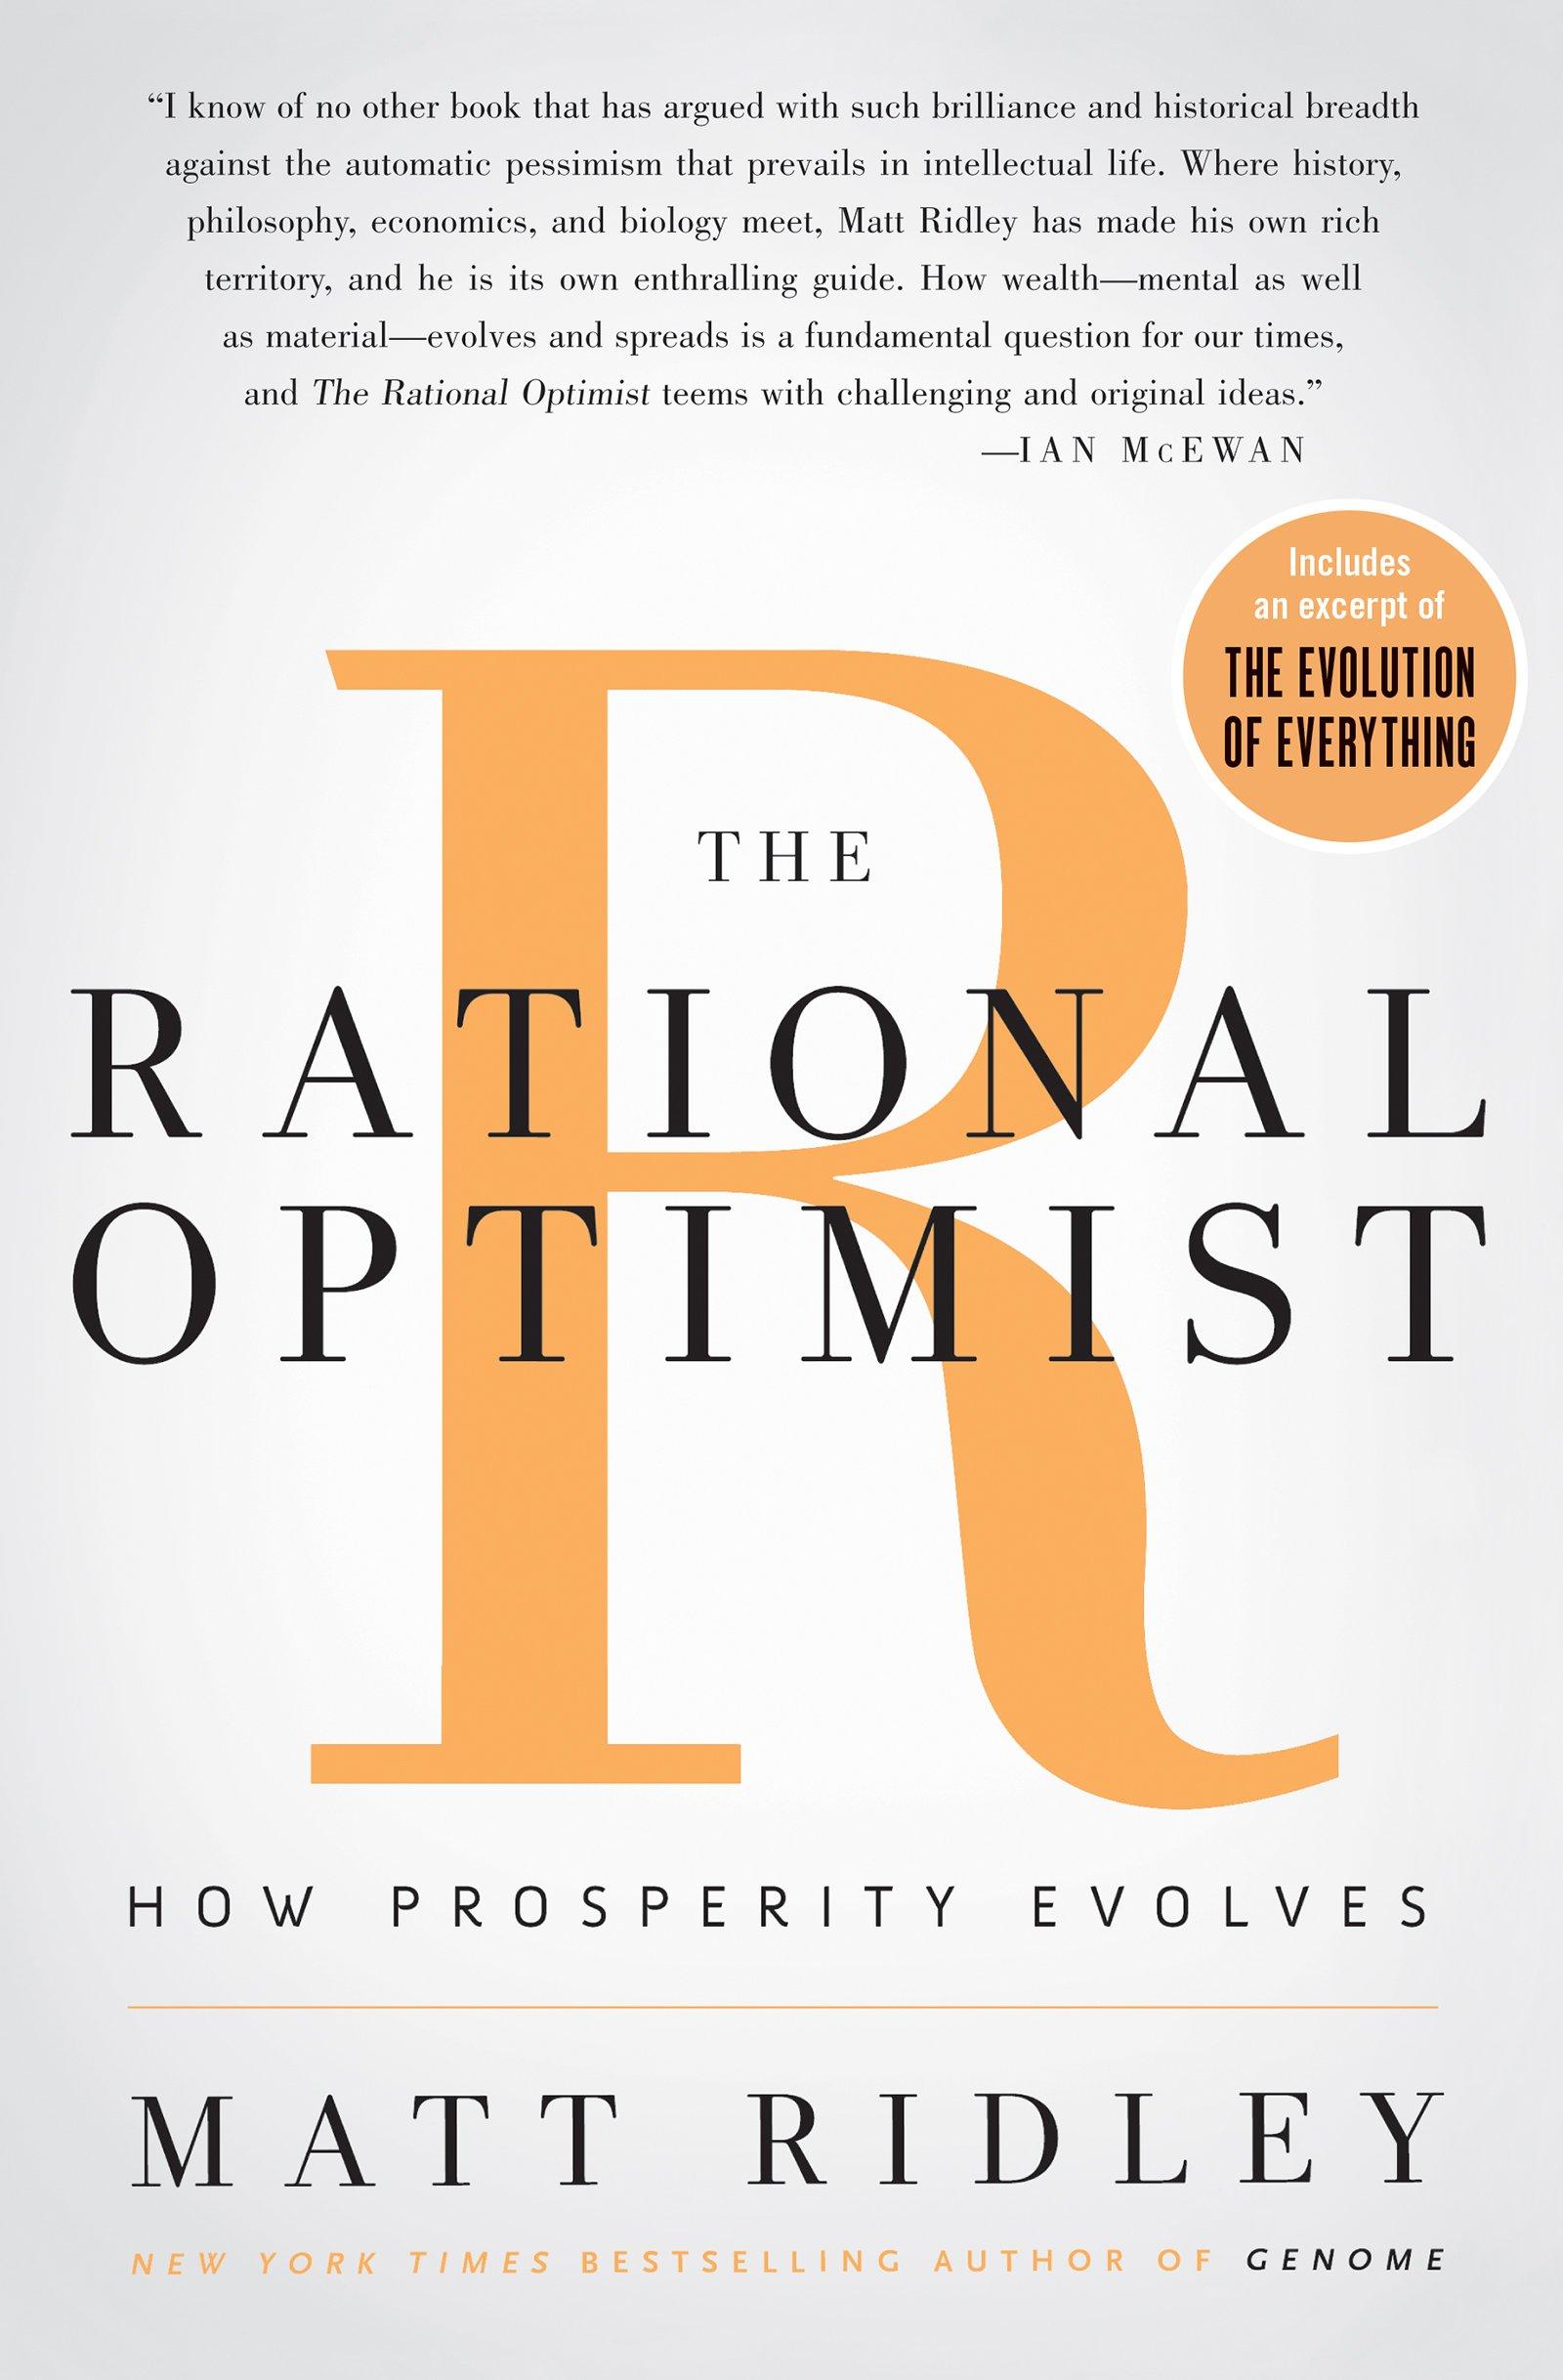 the-rational-optimist-book-cover-matt-ridley